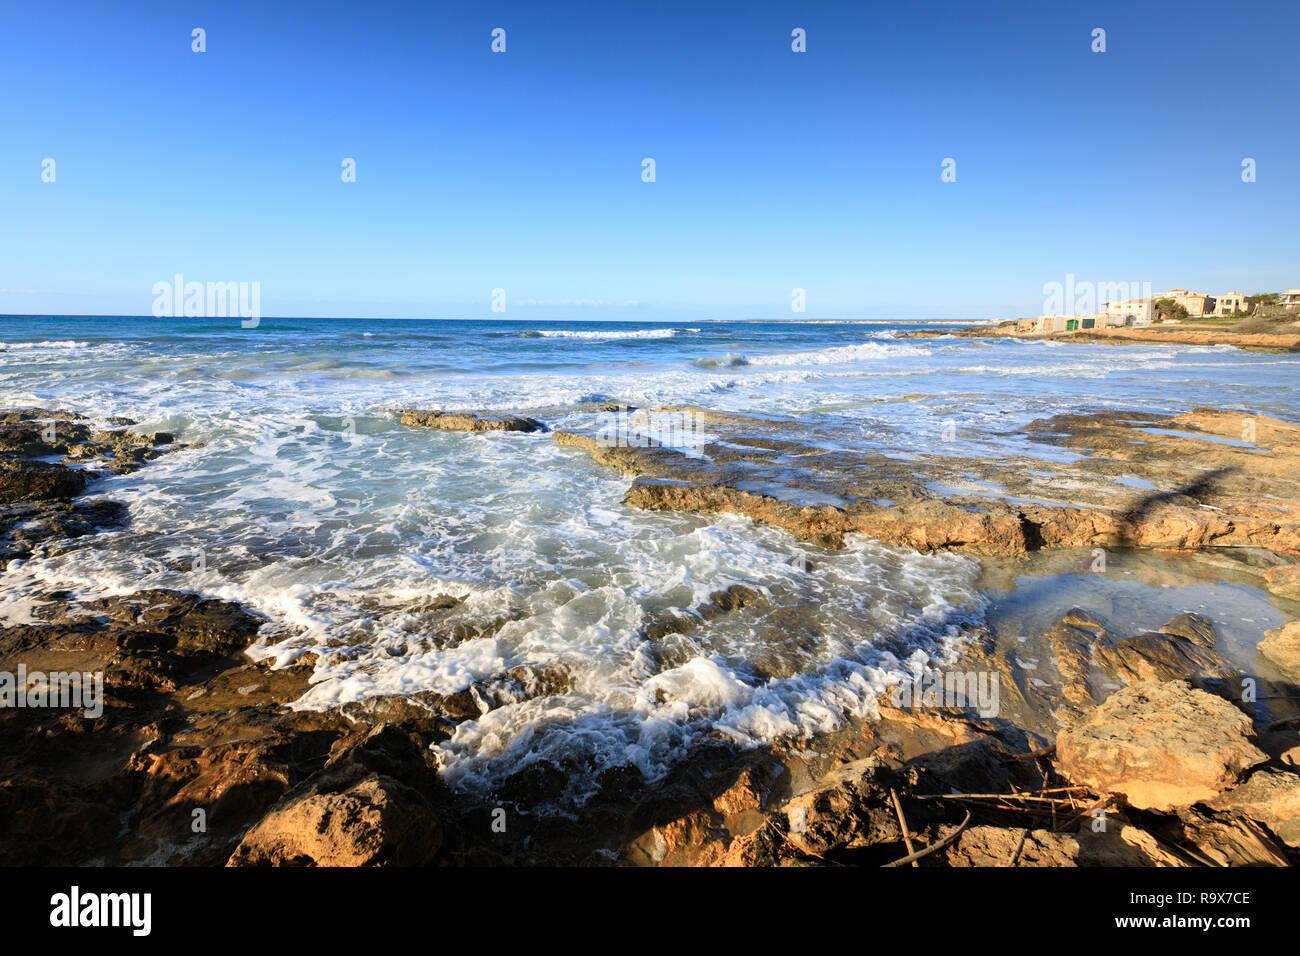 Onda sulla riva sabbiosa spiaggia, seascape mare mediterraneo pulita Es Trenc Mallorca Spagna Spain Immagini Stock